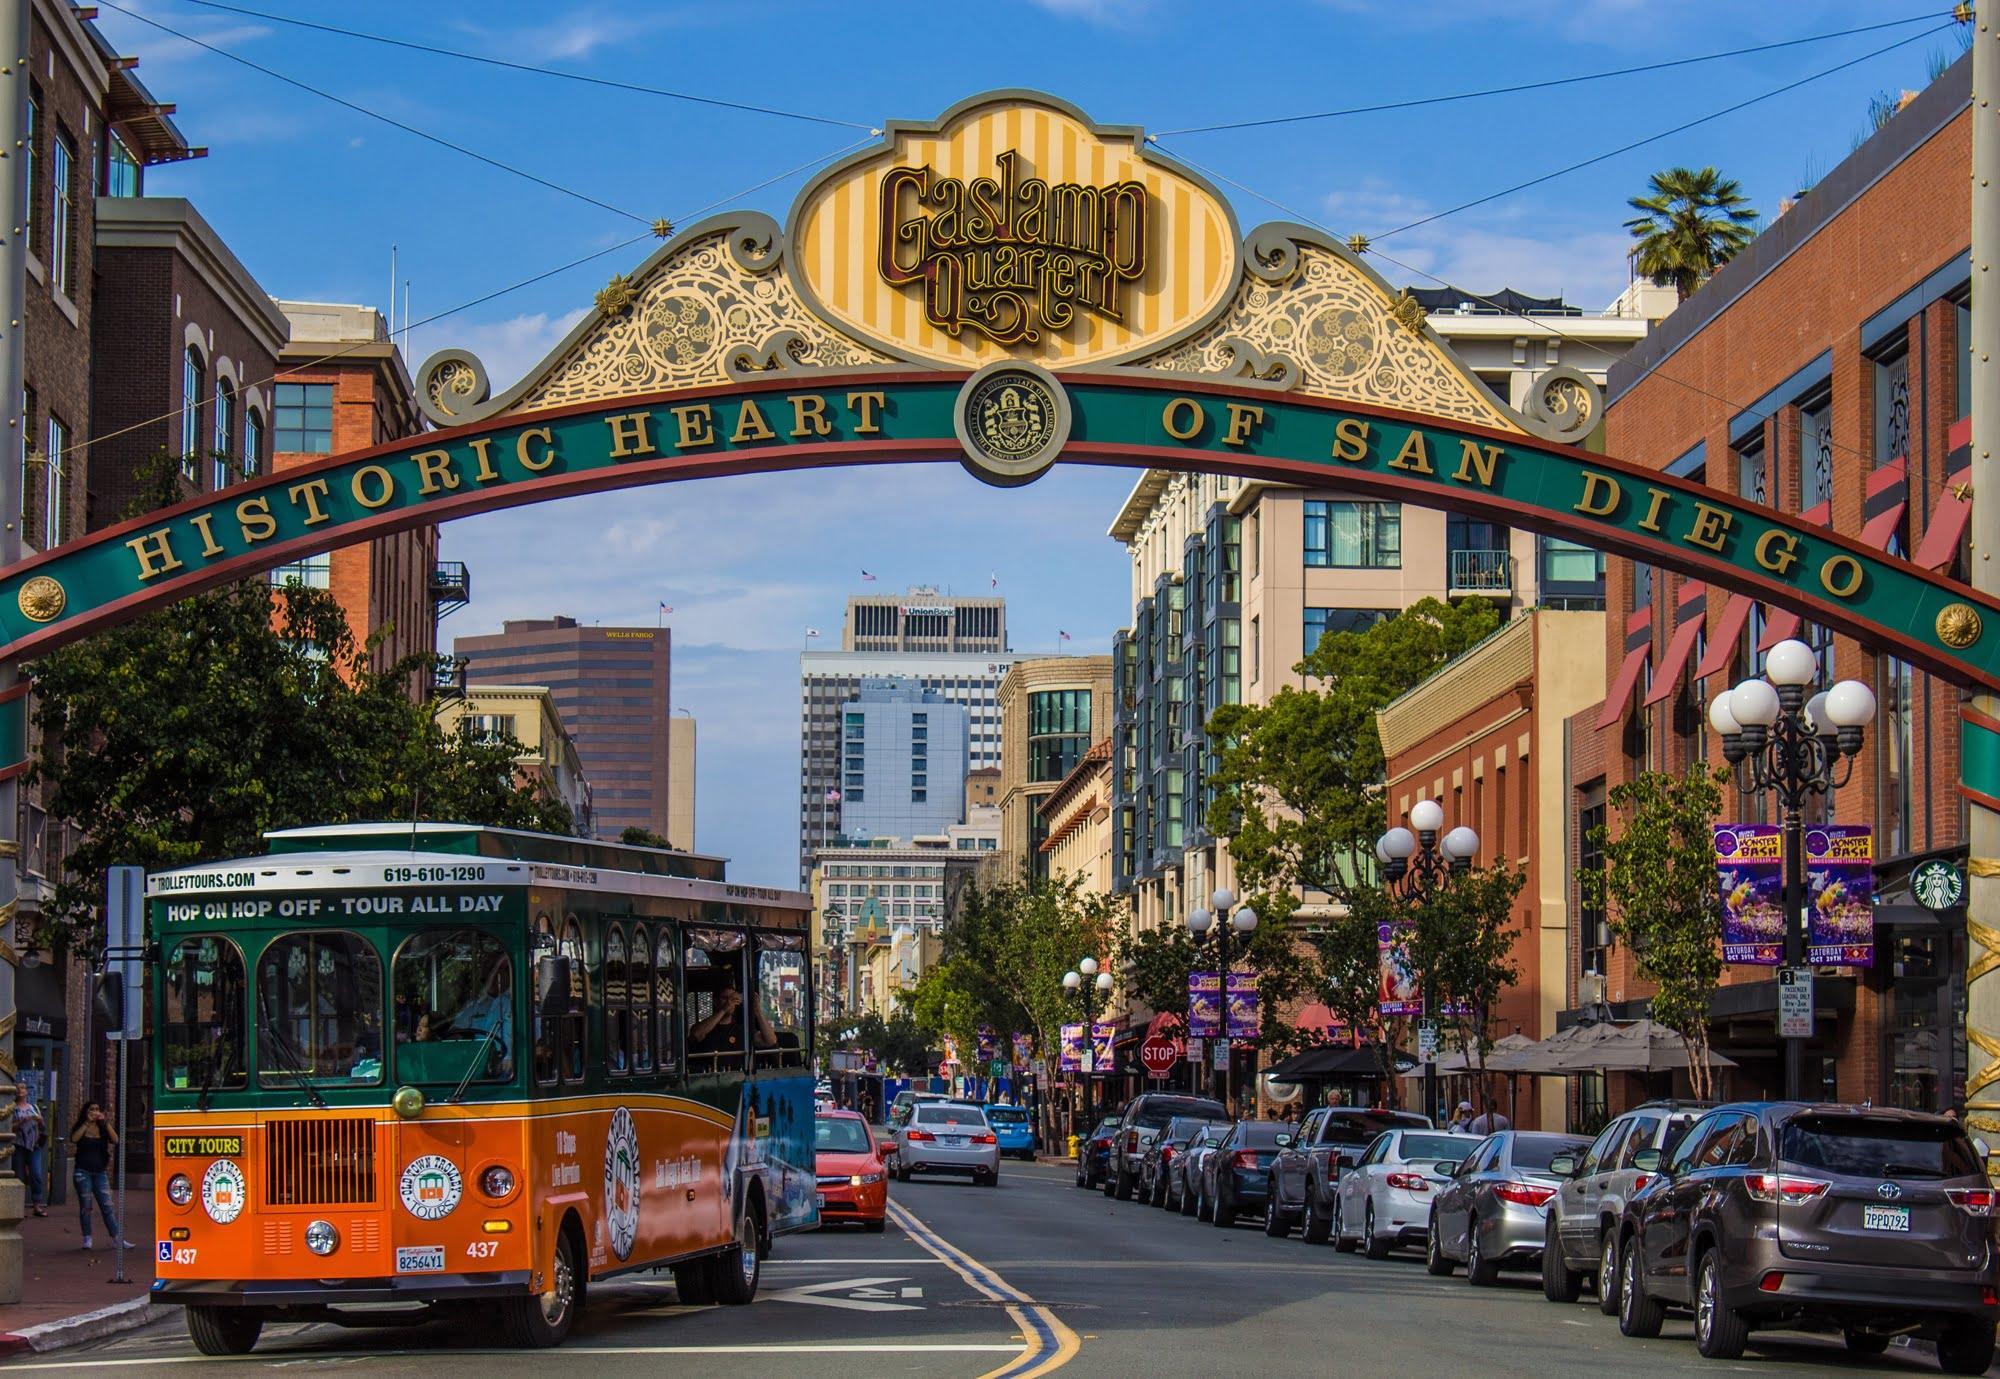 San Diego Centre Historique